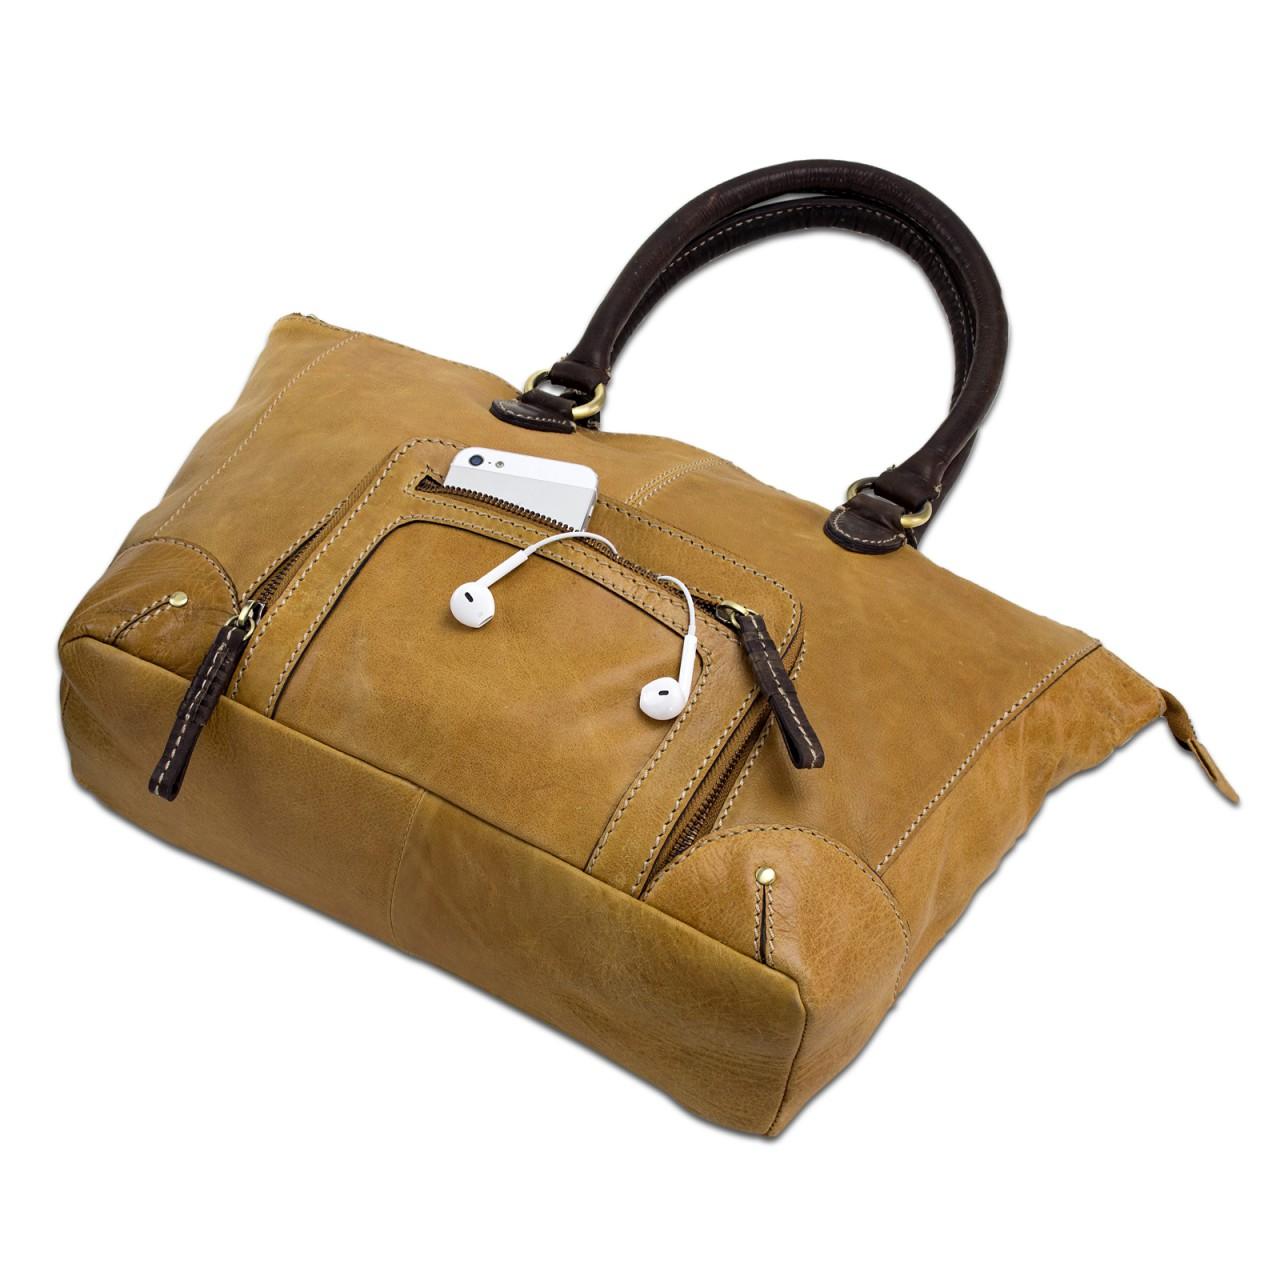 STILORD große Handtasche für Damen Abendtasche Ausgehen Henkeltasche Retro Vintage Ledertasche echtes Büffel Leder braun - Bild 6